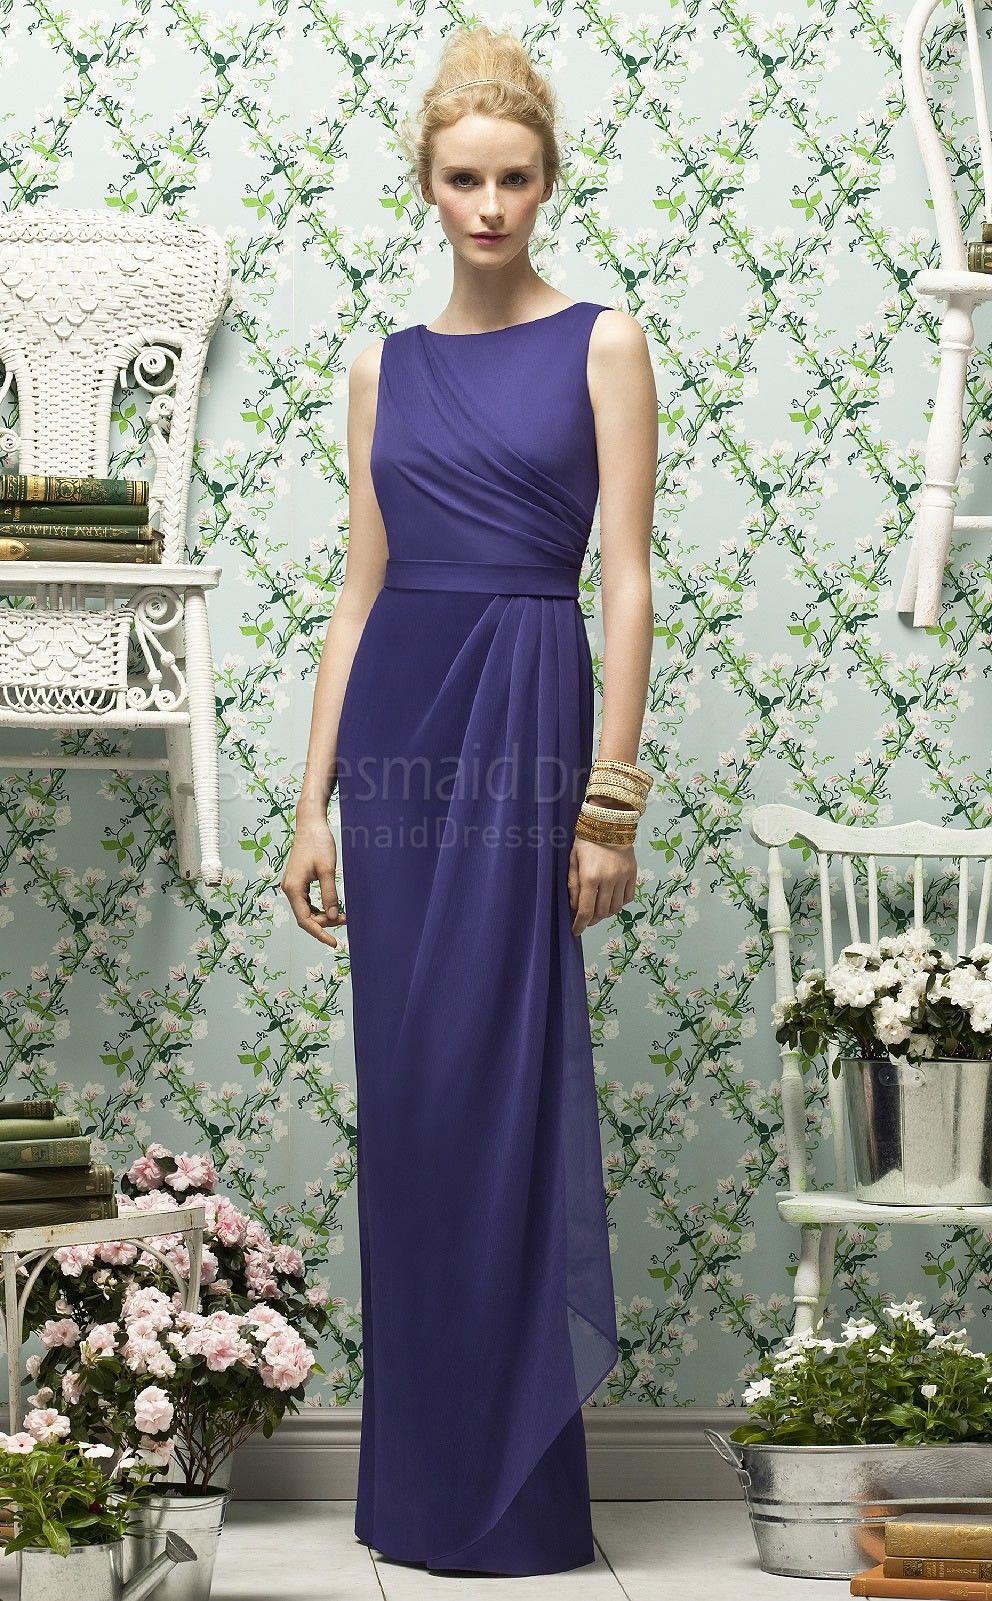 Purple bridesmaid dresseslong purple bridesmaid dresses weddings